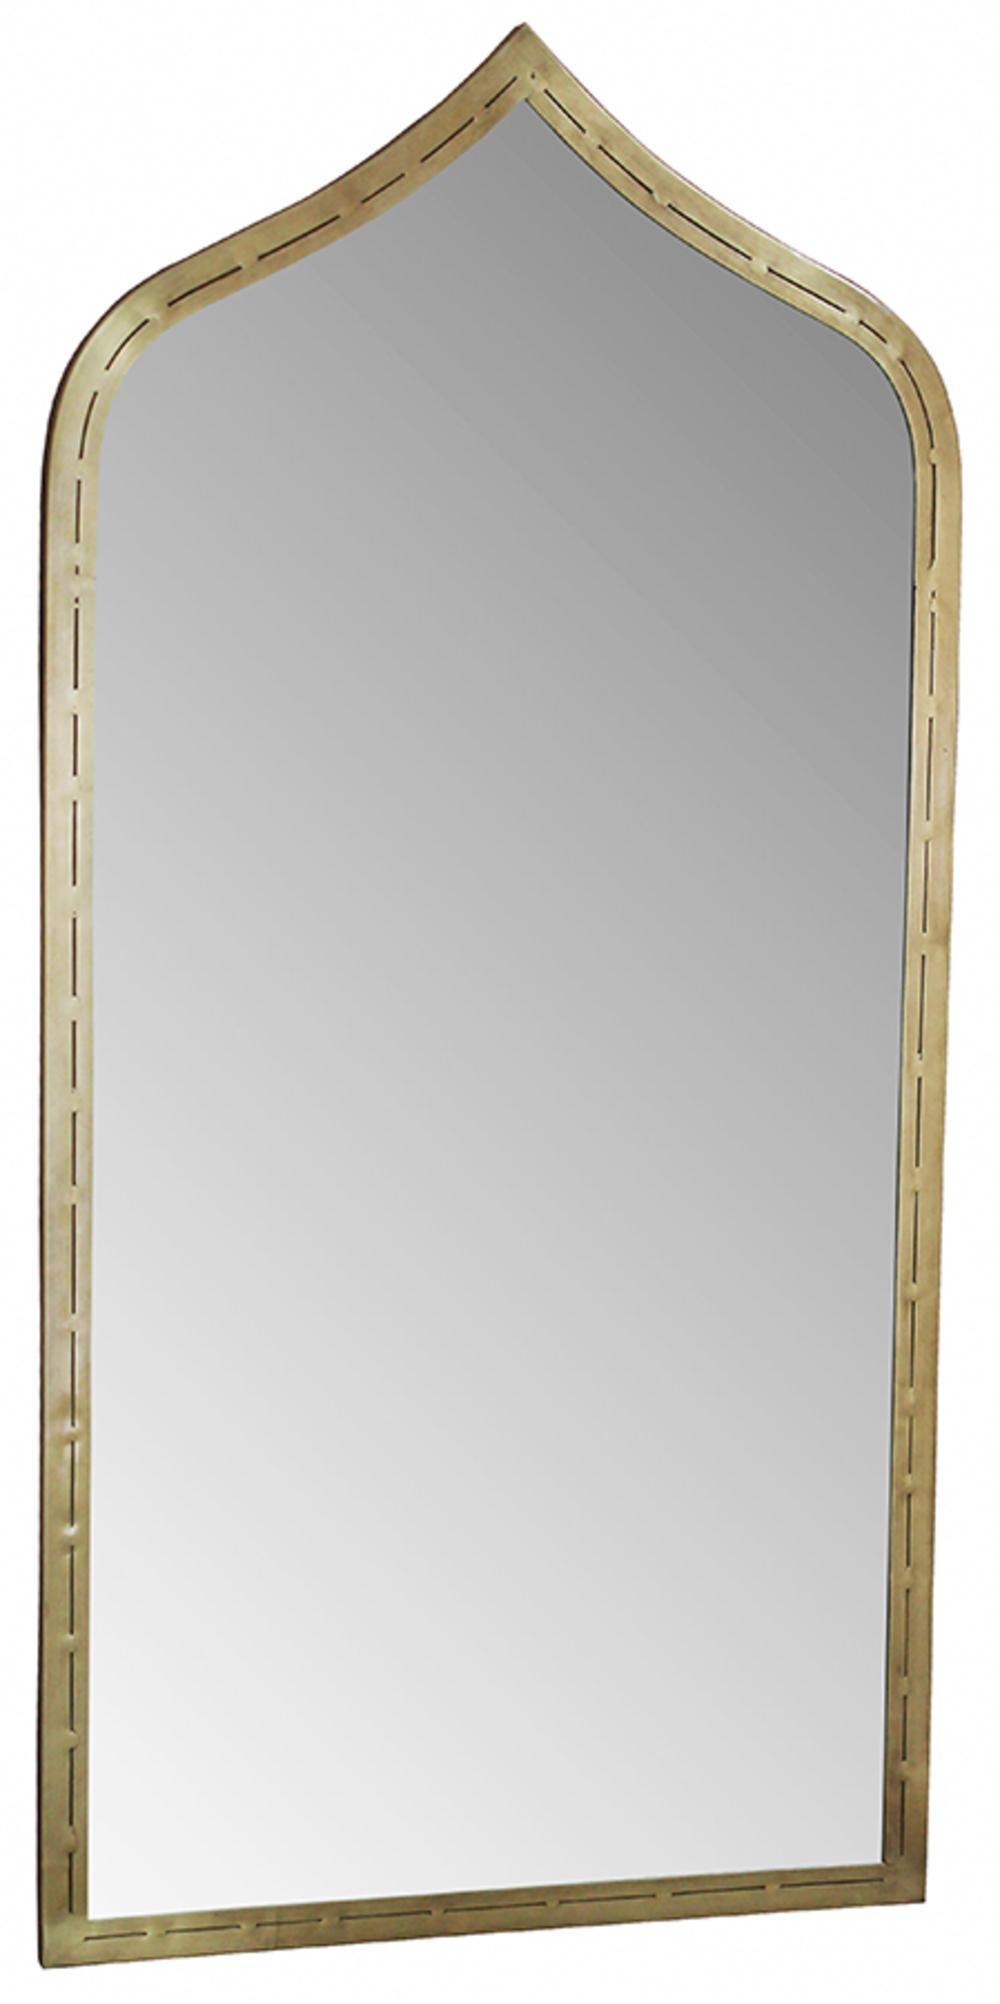 Dovetail Furniture - Thorton Mirror